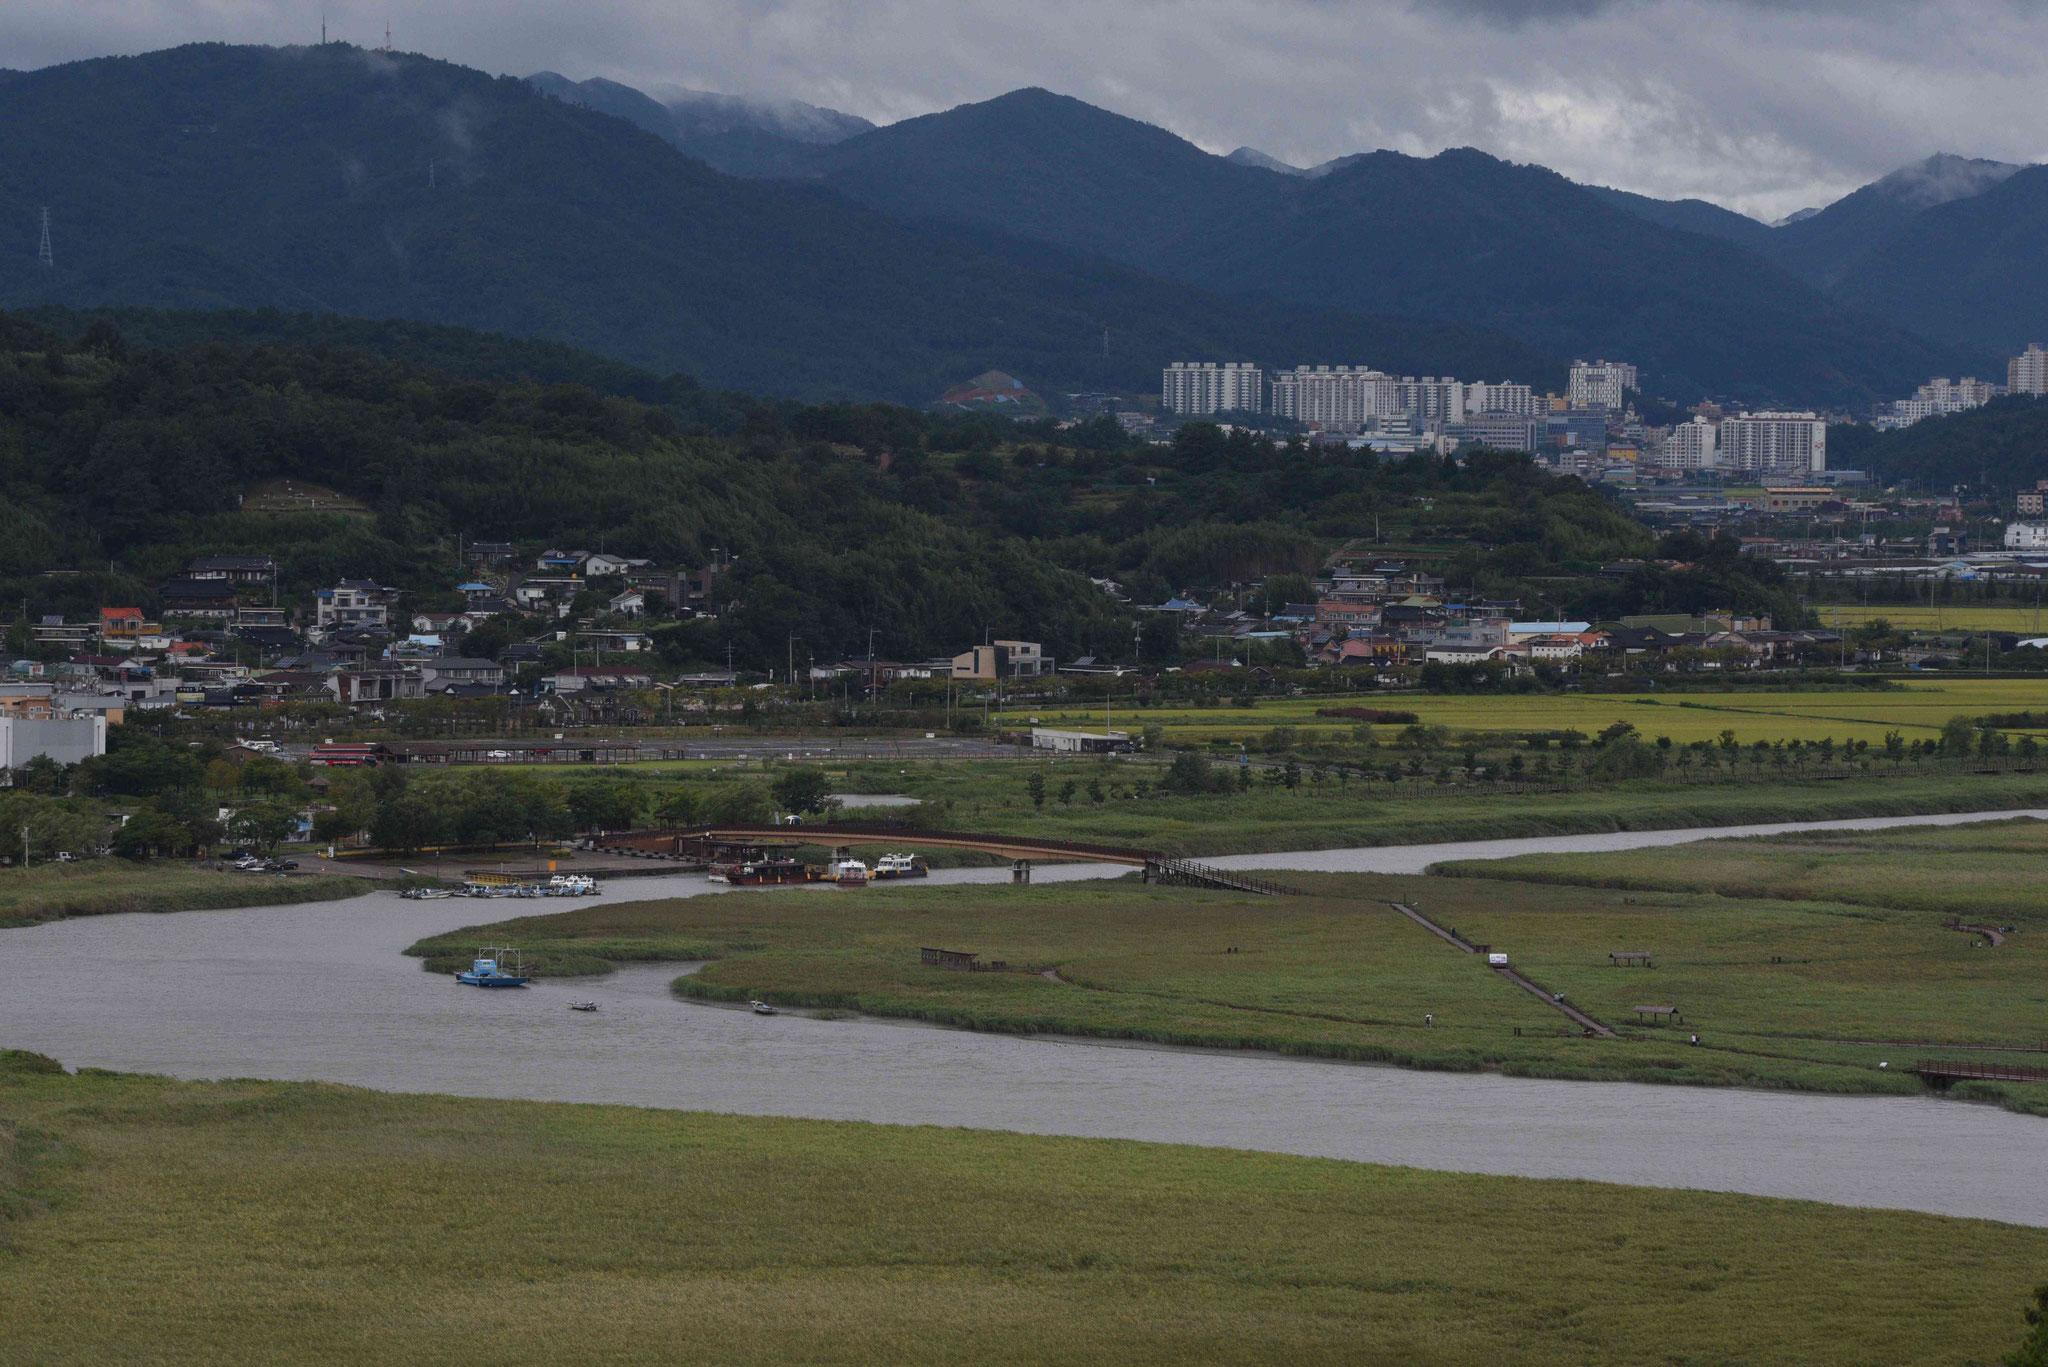 Im Hintergund liegt die Stadt Suncheon